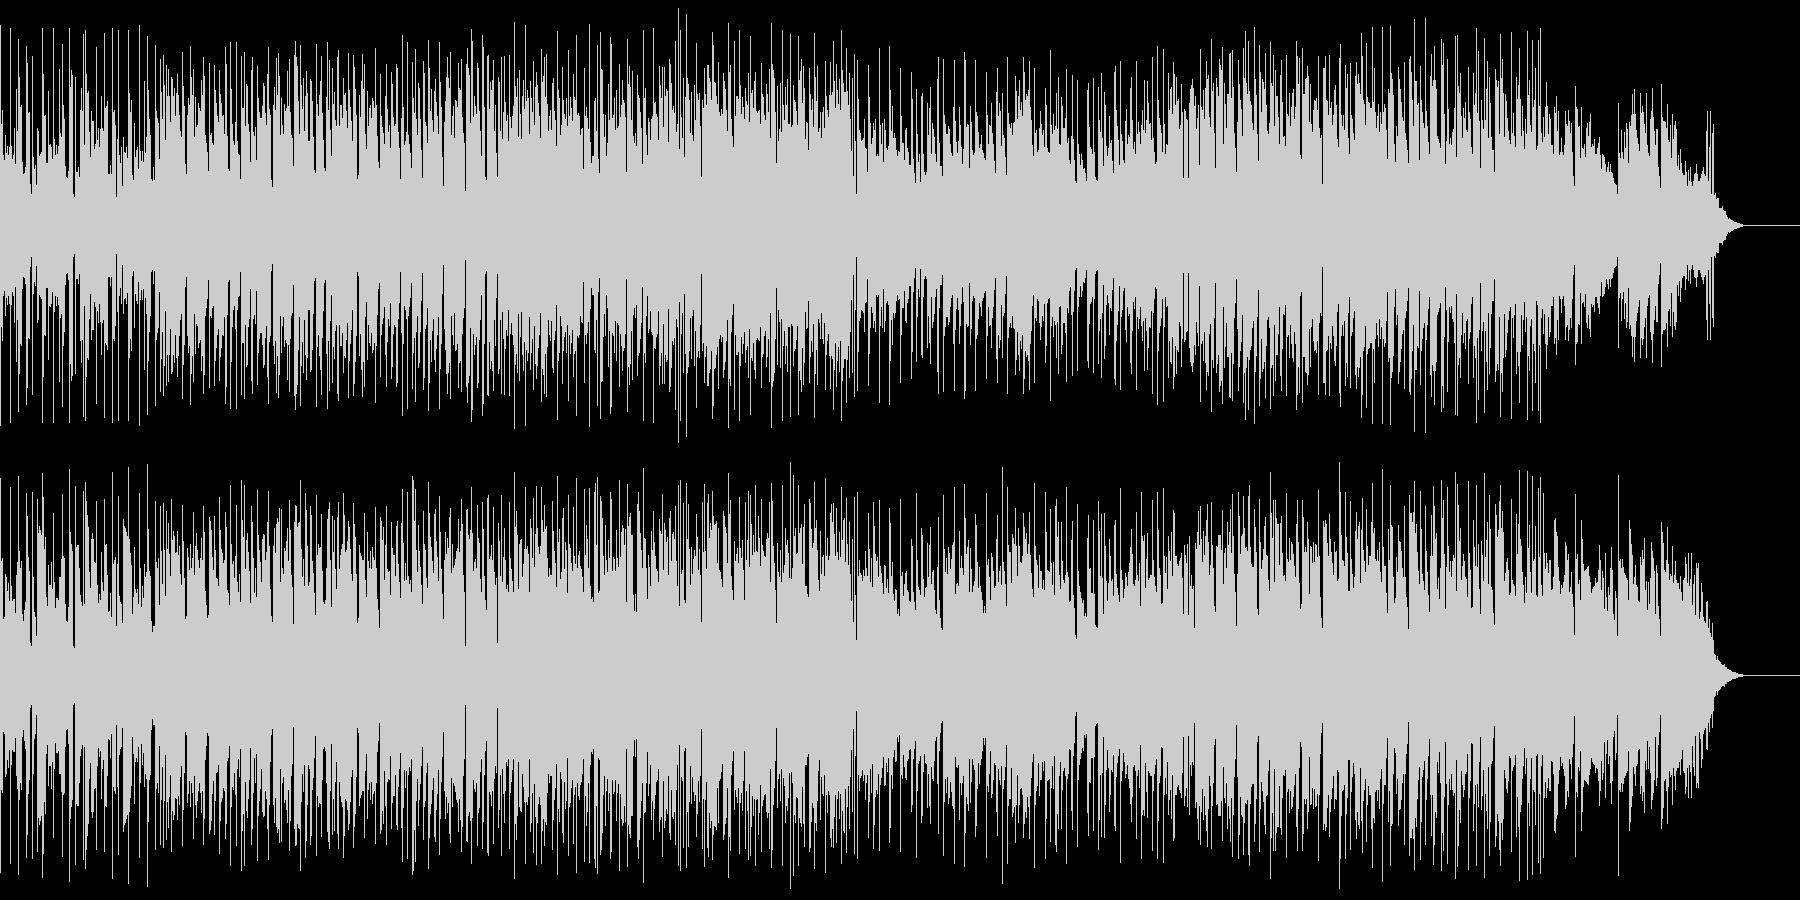 声のSEと爽やかなメロディが印象的な曲の未再生の波形